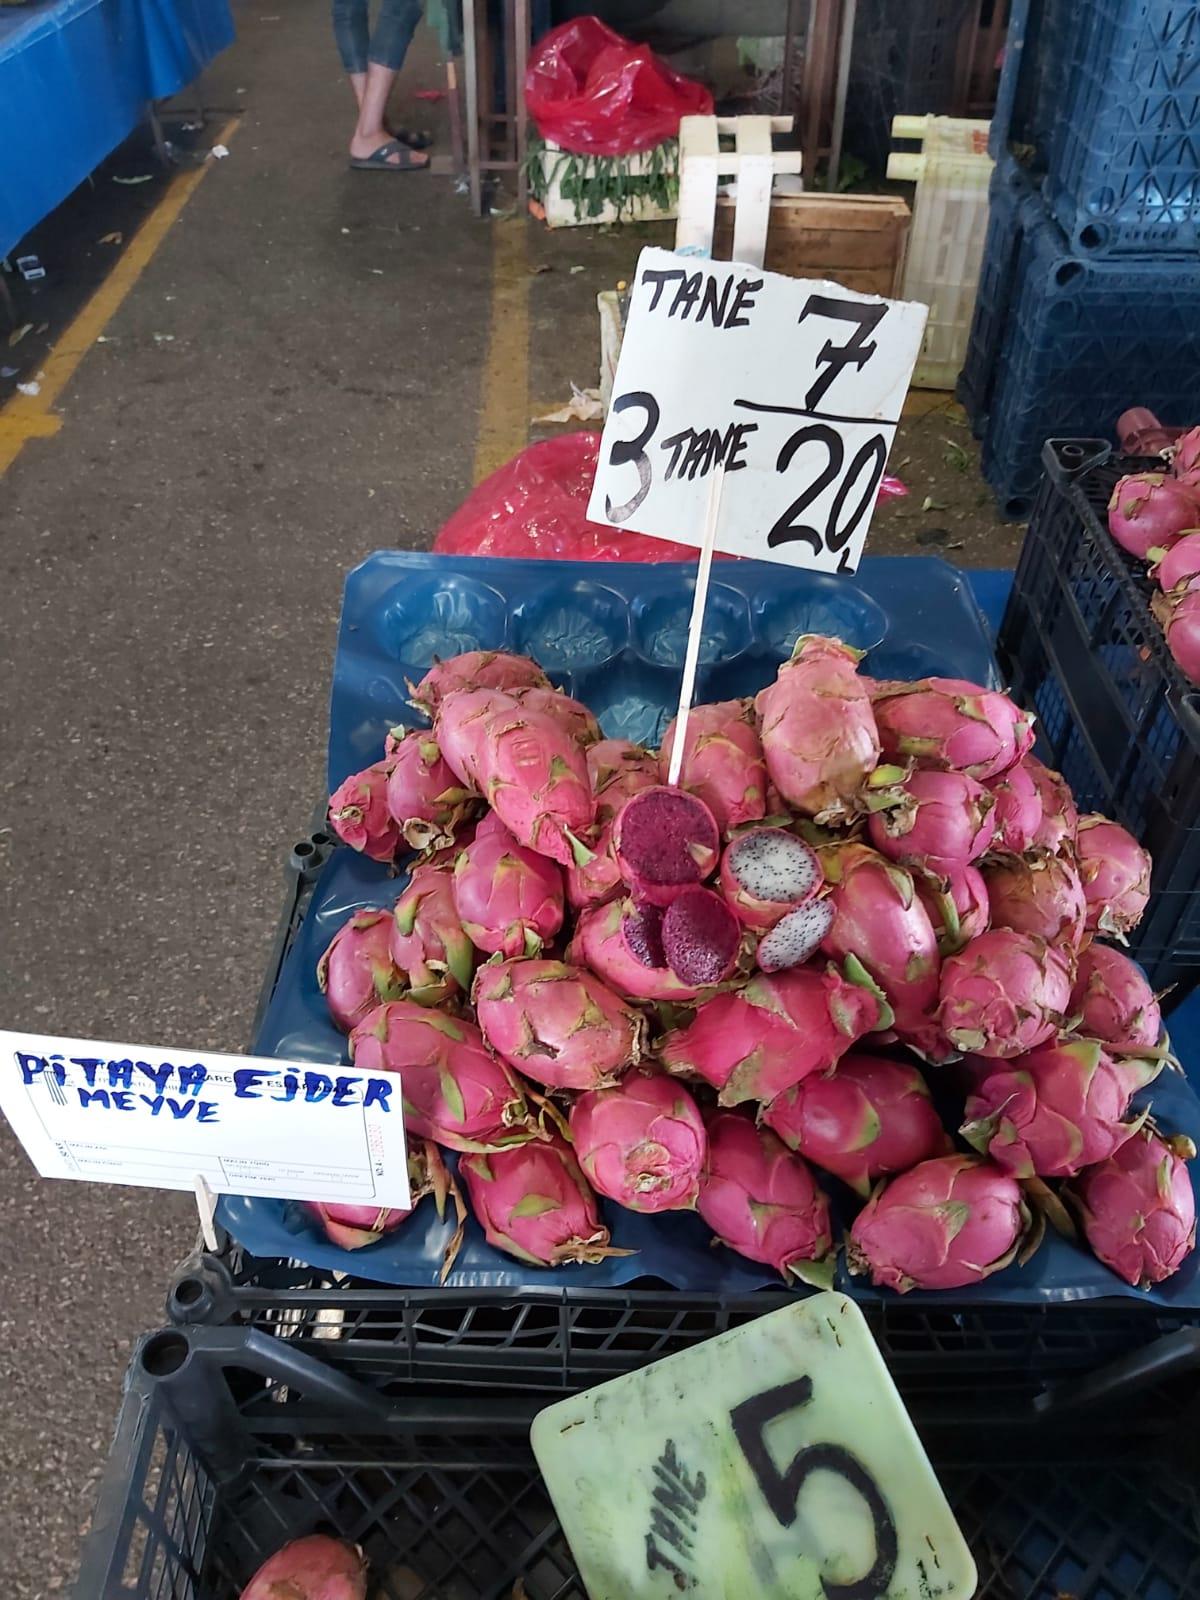 ejder meyvesinin pazara düşmesi